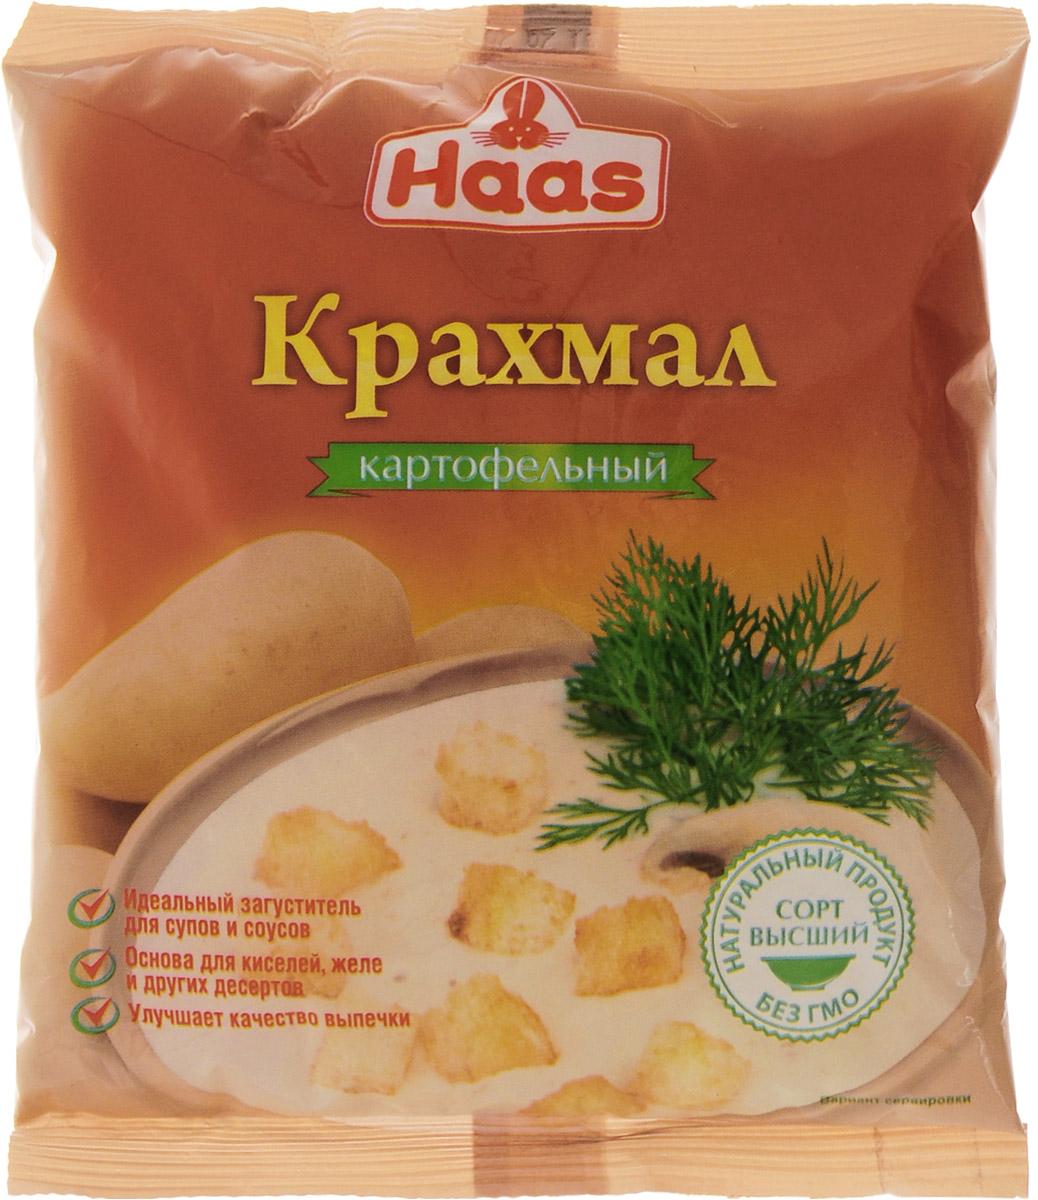 Haas крахмал картофельный, 200 г4607012293282Картофельный крахмал Haas идеально подходит для приготовления киселей, прозрачных супов, соусов и подливок. Также добавляют в хлеб, сдобную выпечку и различные сорта печенья, чтобы придать конечному продукту нужную текстуру, влажность, консистенцию и внешний вид. Кроме того, картофельный крахмал с успехом используется для выпечки фруктовых и творожных тортов благодаря своей способности абсорбировать излишнюю жидкость.